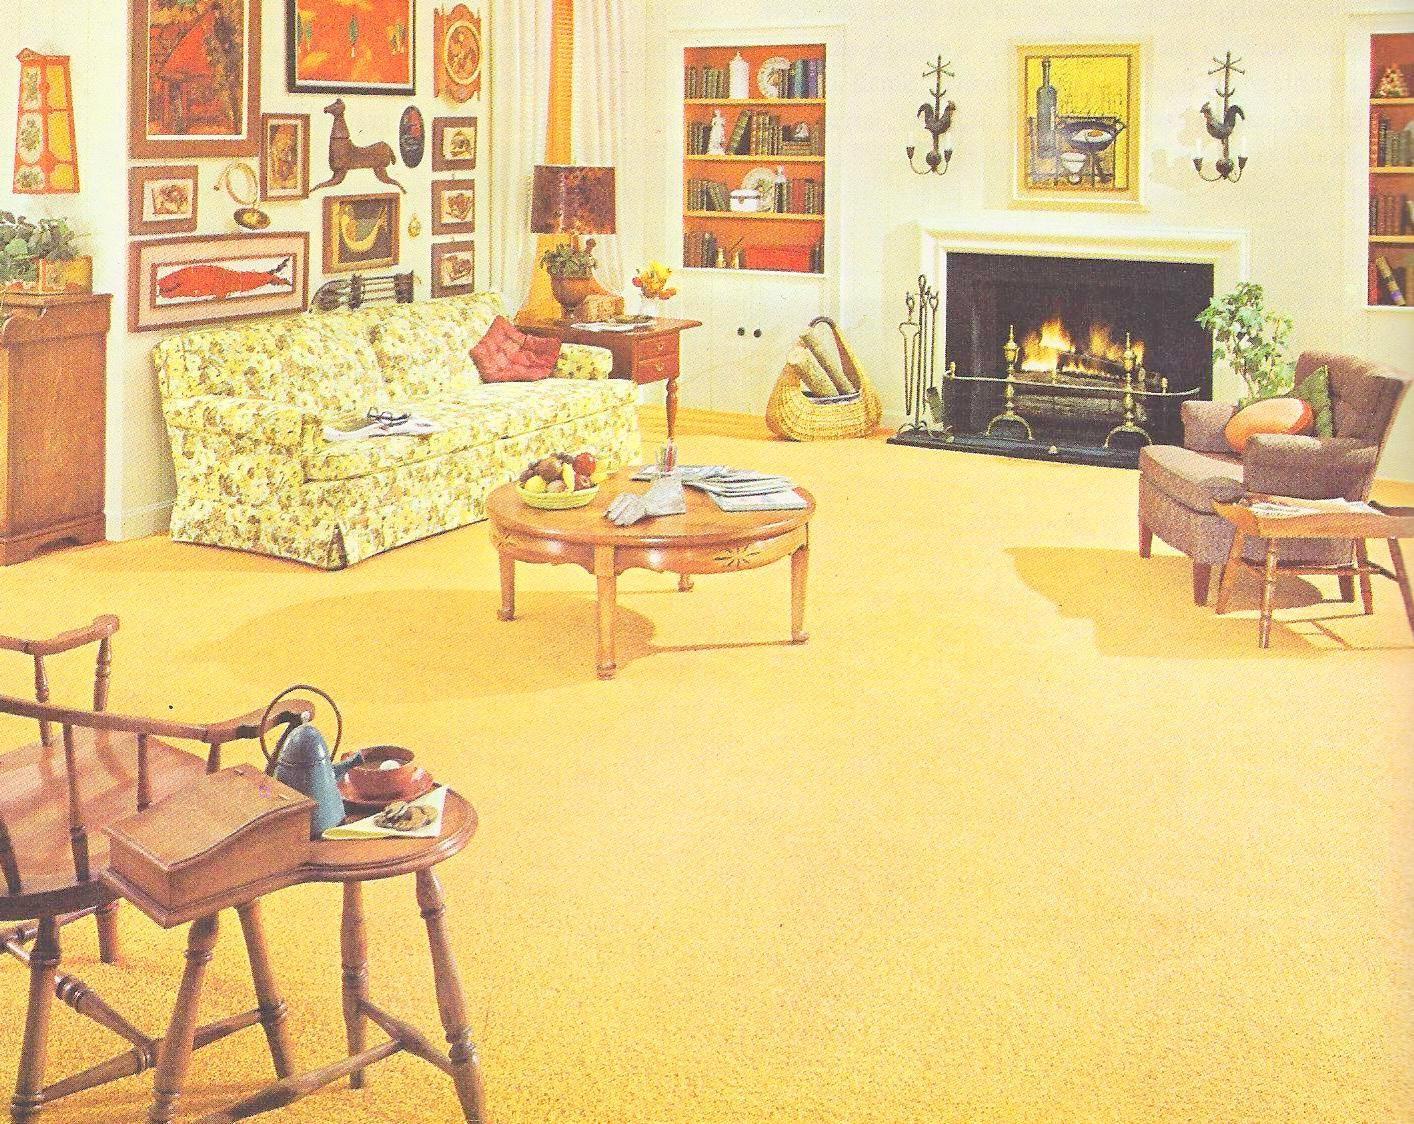 1960s Vintage Home Decor   Vintage house, 1960s home decor ...